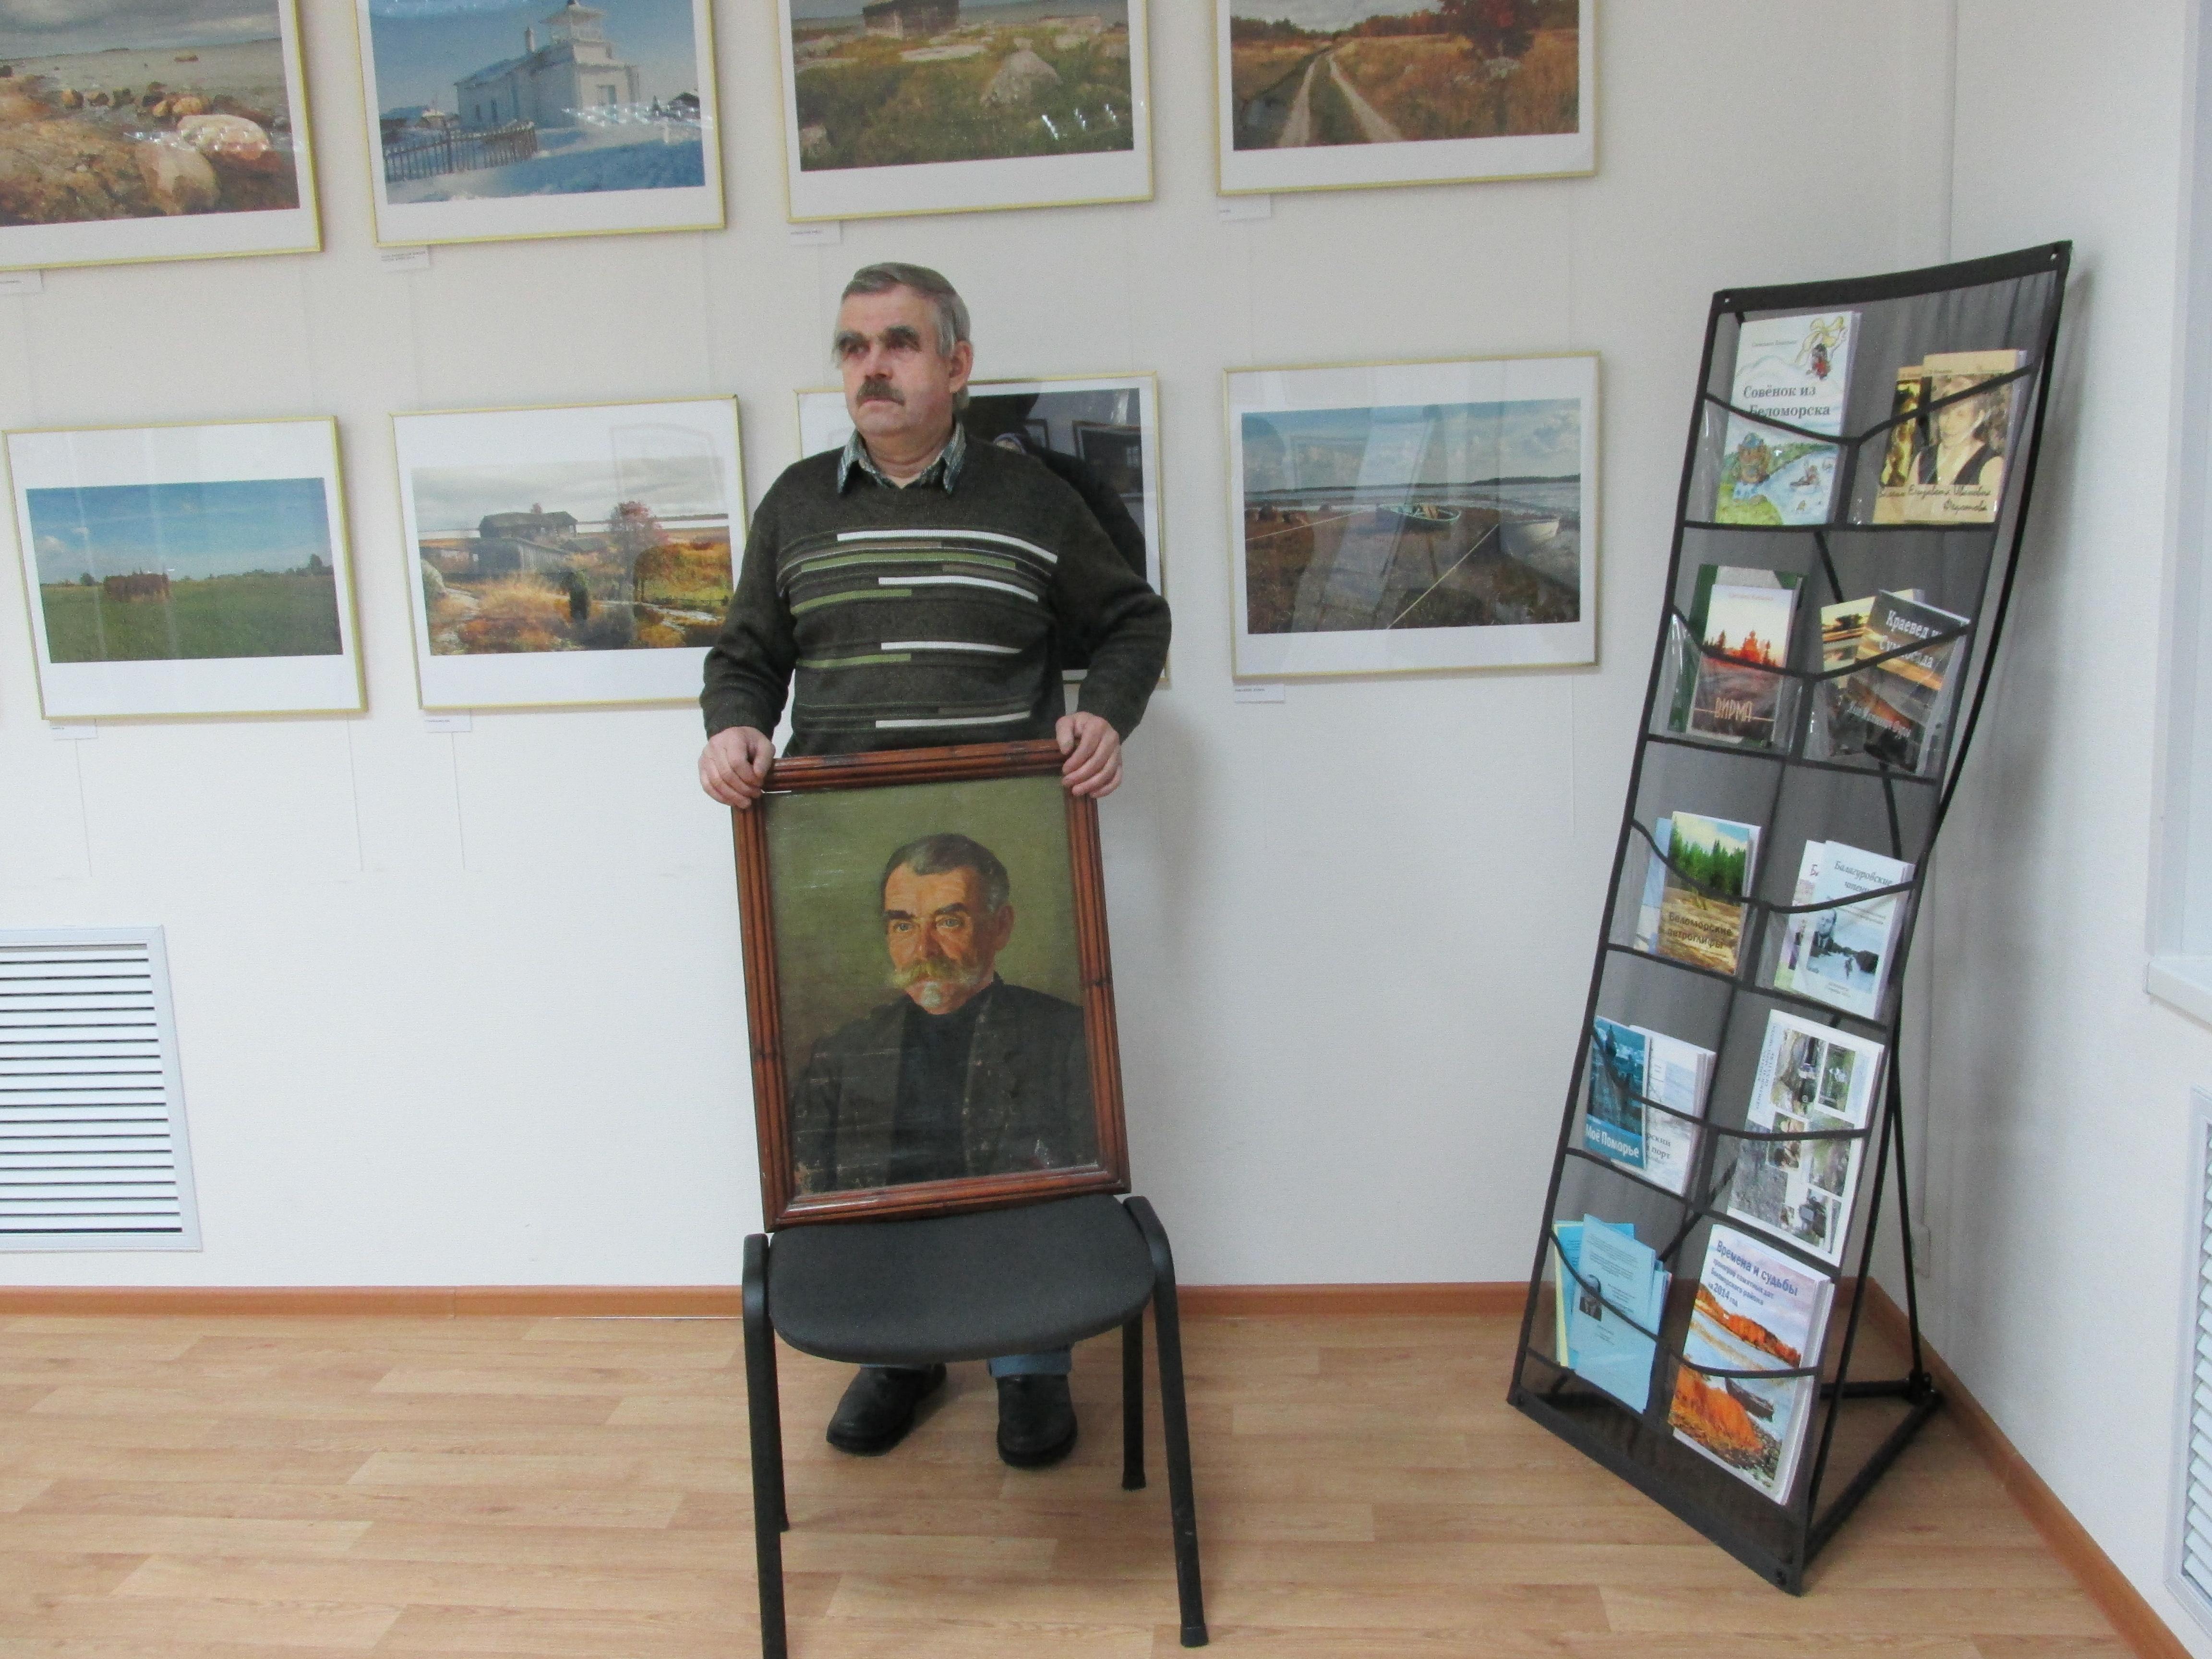 Борис Ильютик в Центре поморской культуры. 2 декабря 2014 г. Фото С. Кошкиной